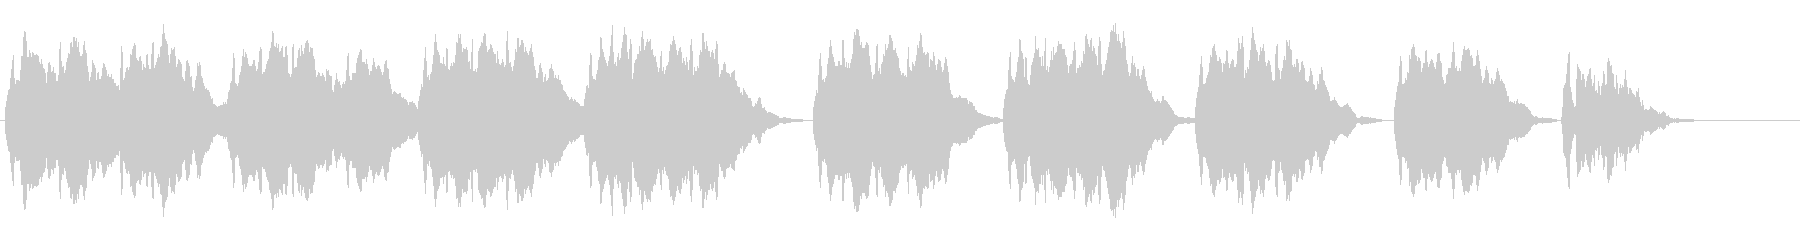 独奏弦楽器による妖しい旋律の未再生の波形